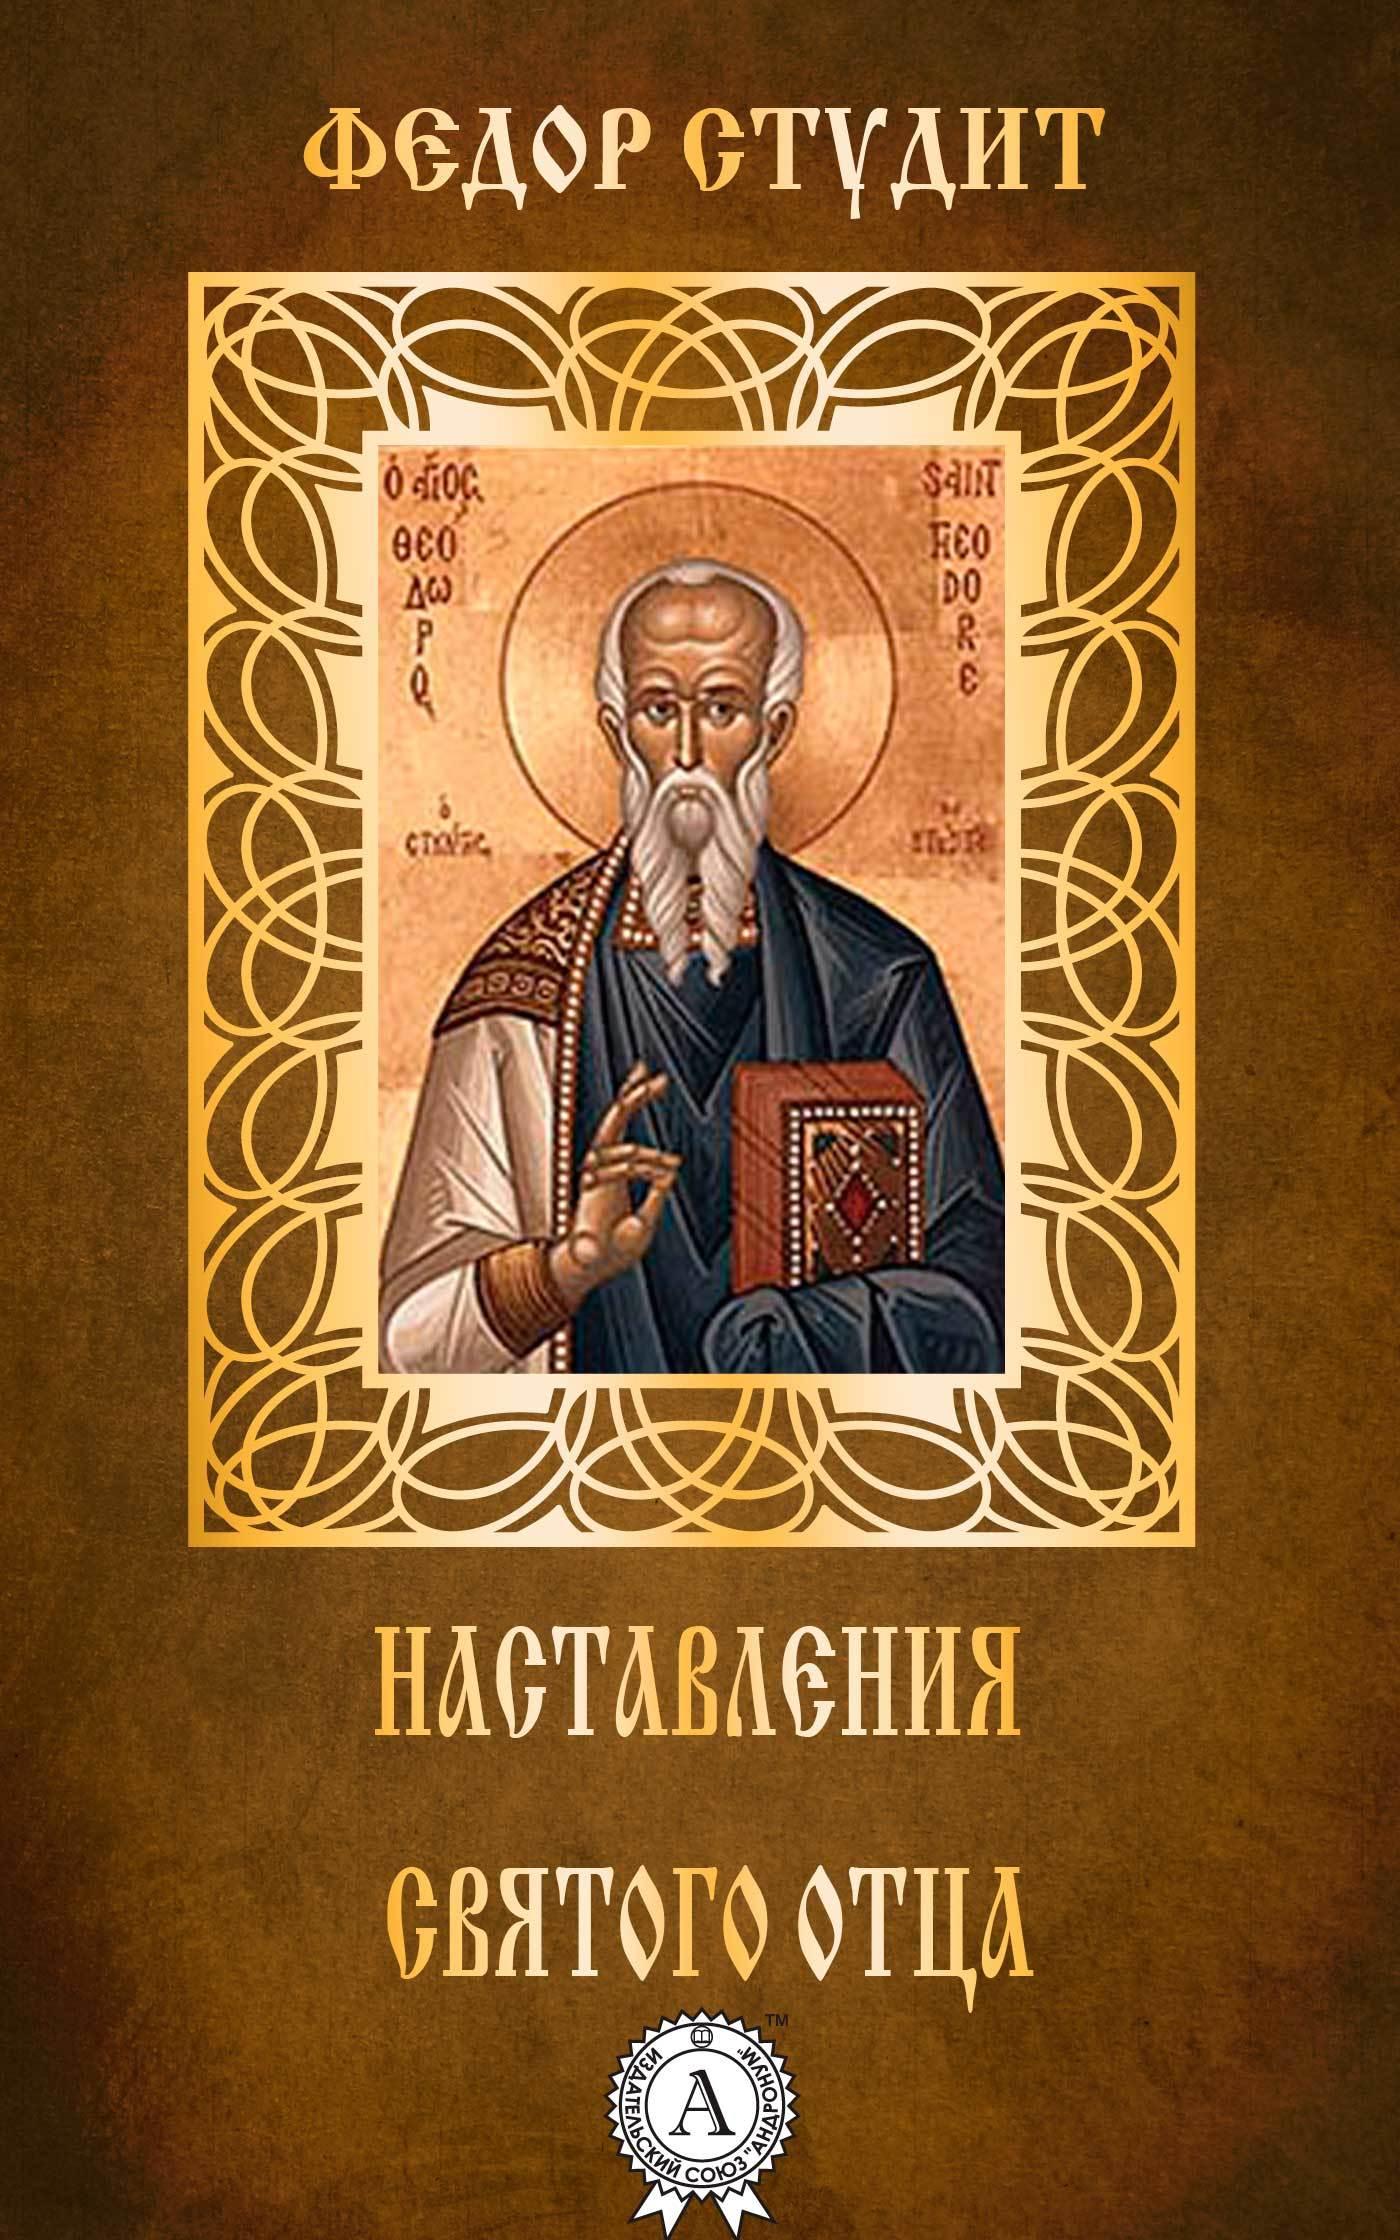 цена на преподобный Федор Студит Наставления святого отца